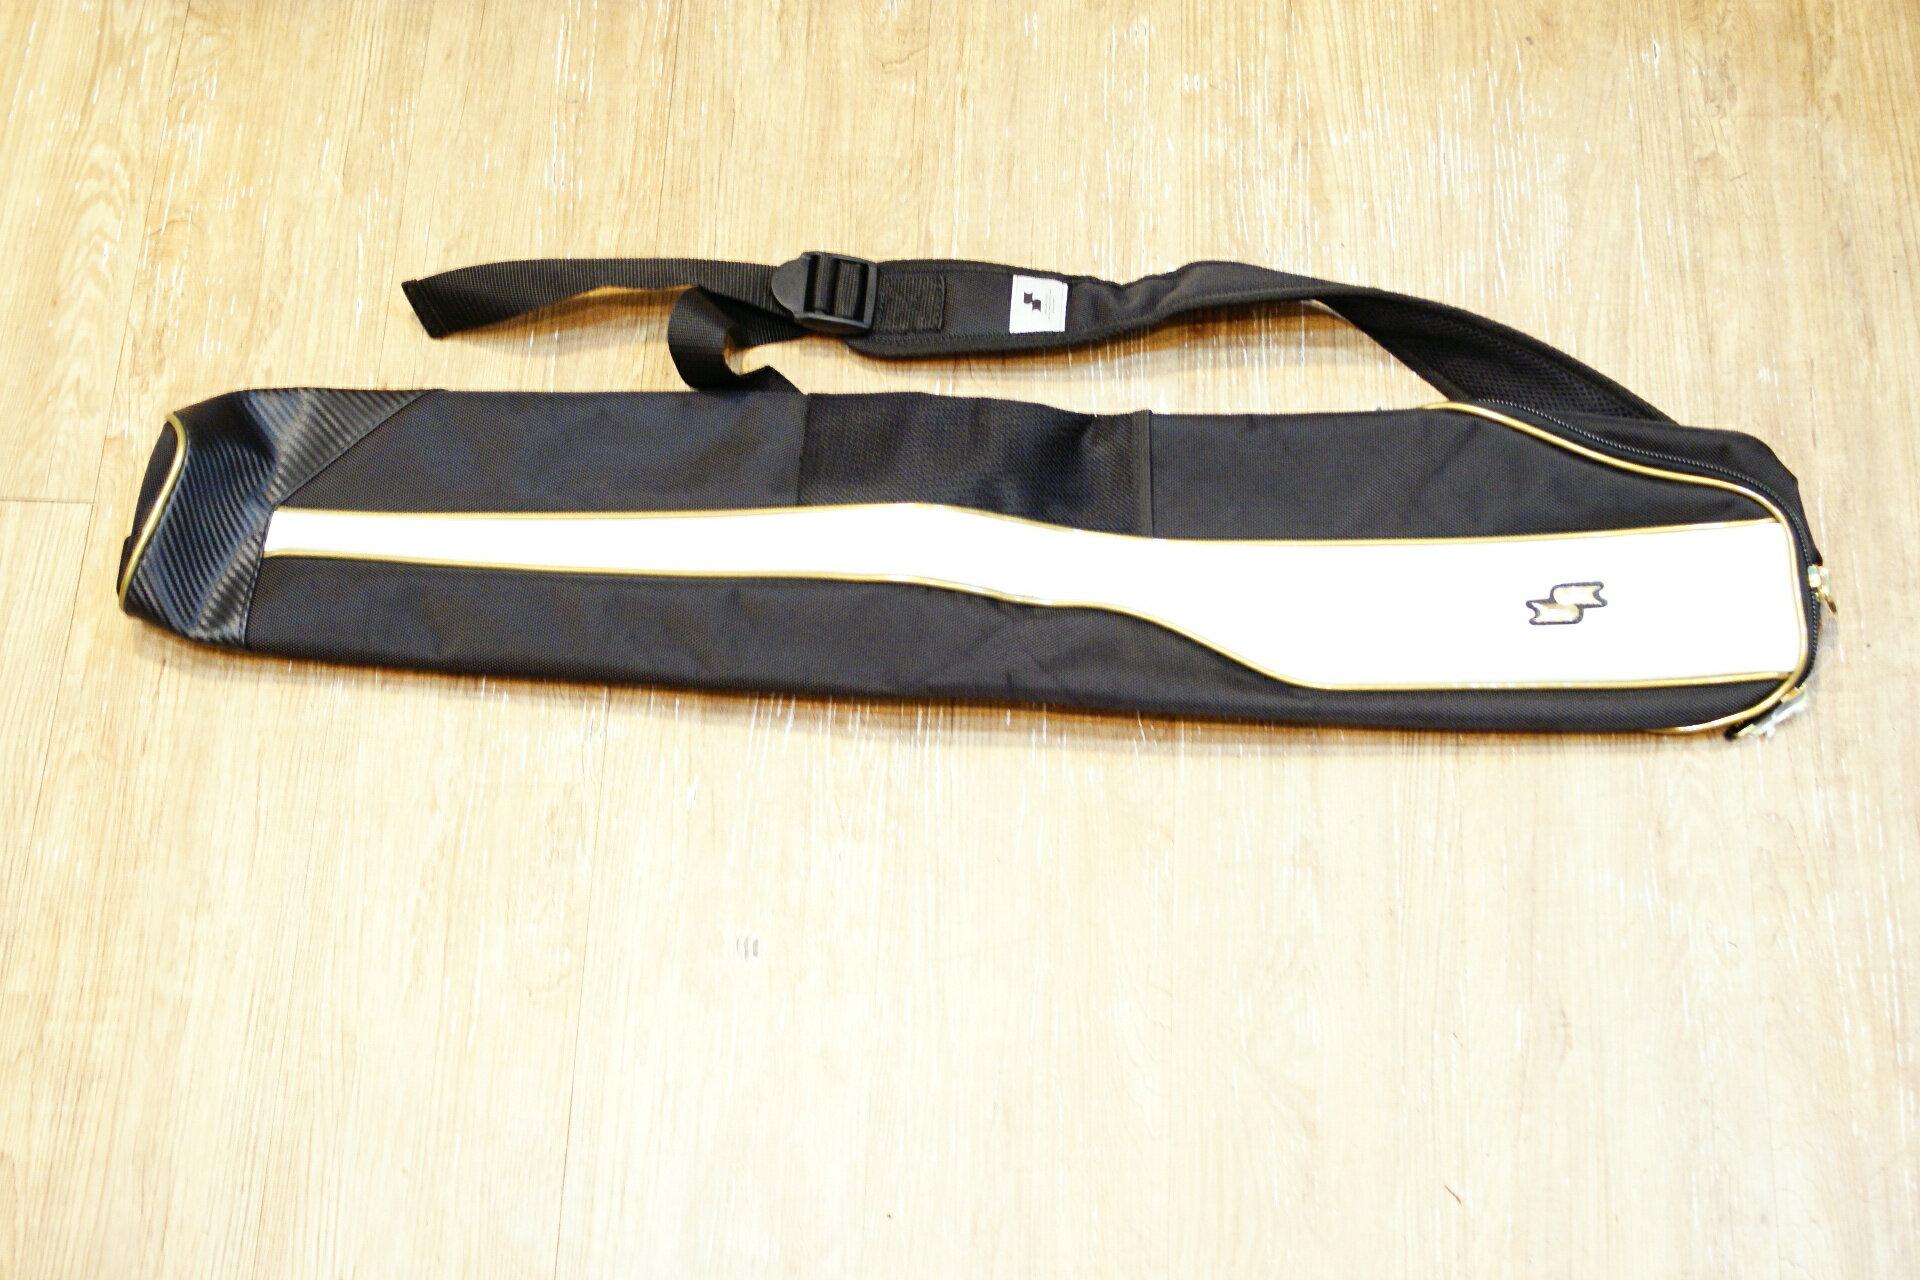 棒球世界全新SSK日本進口高質感雙支裝球棒袋 黑金配色 特價